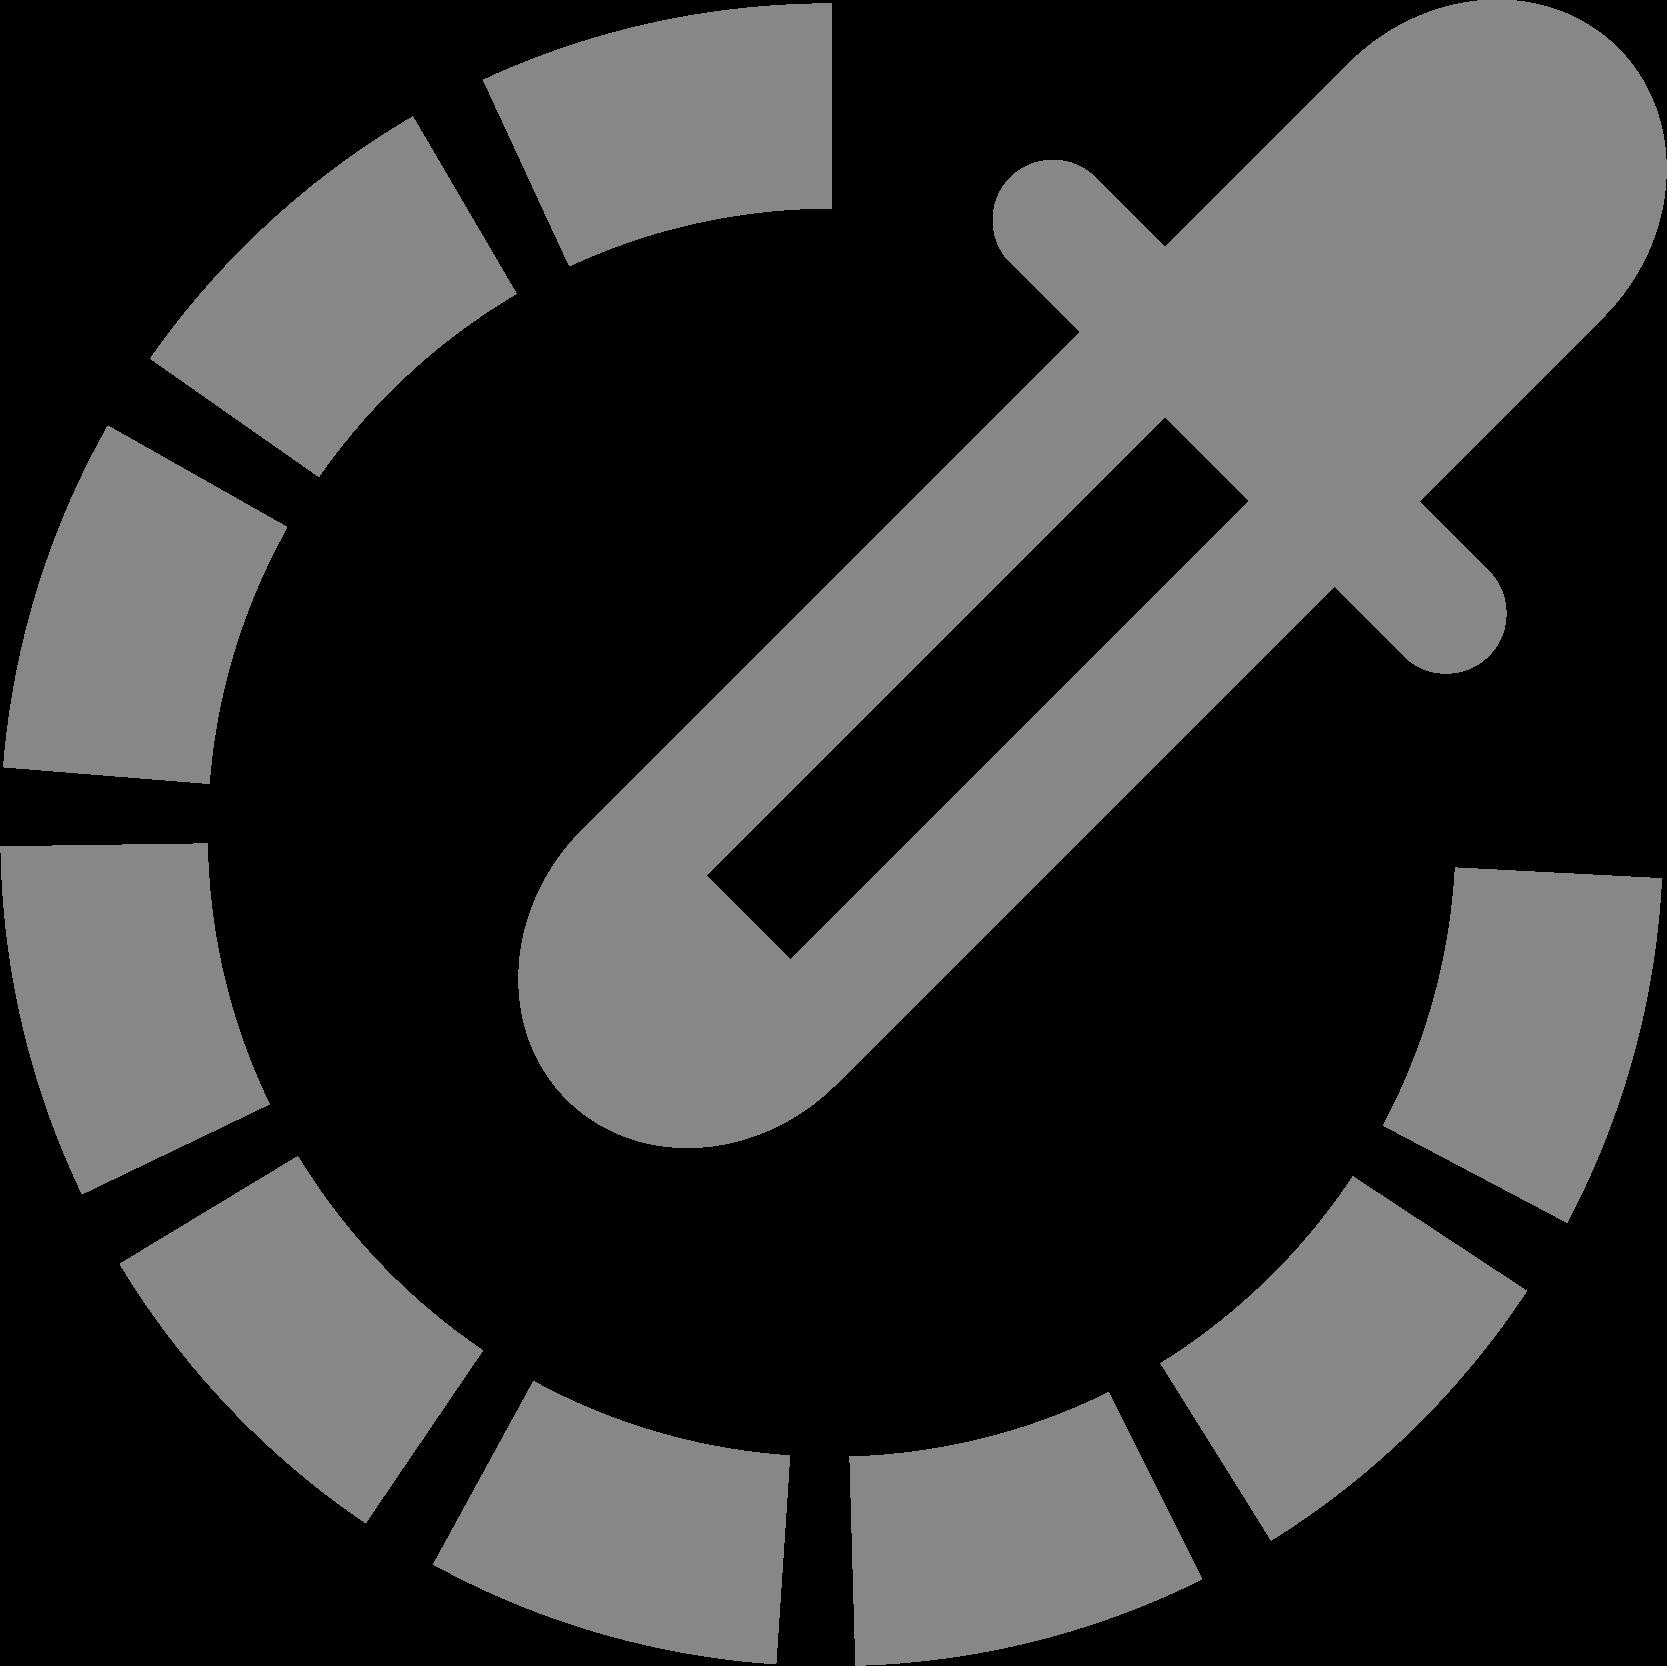 iconModel_12